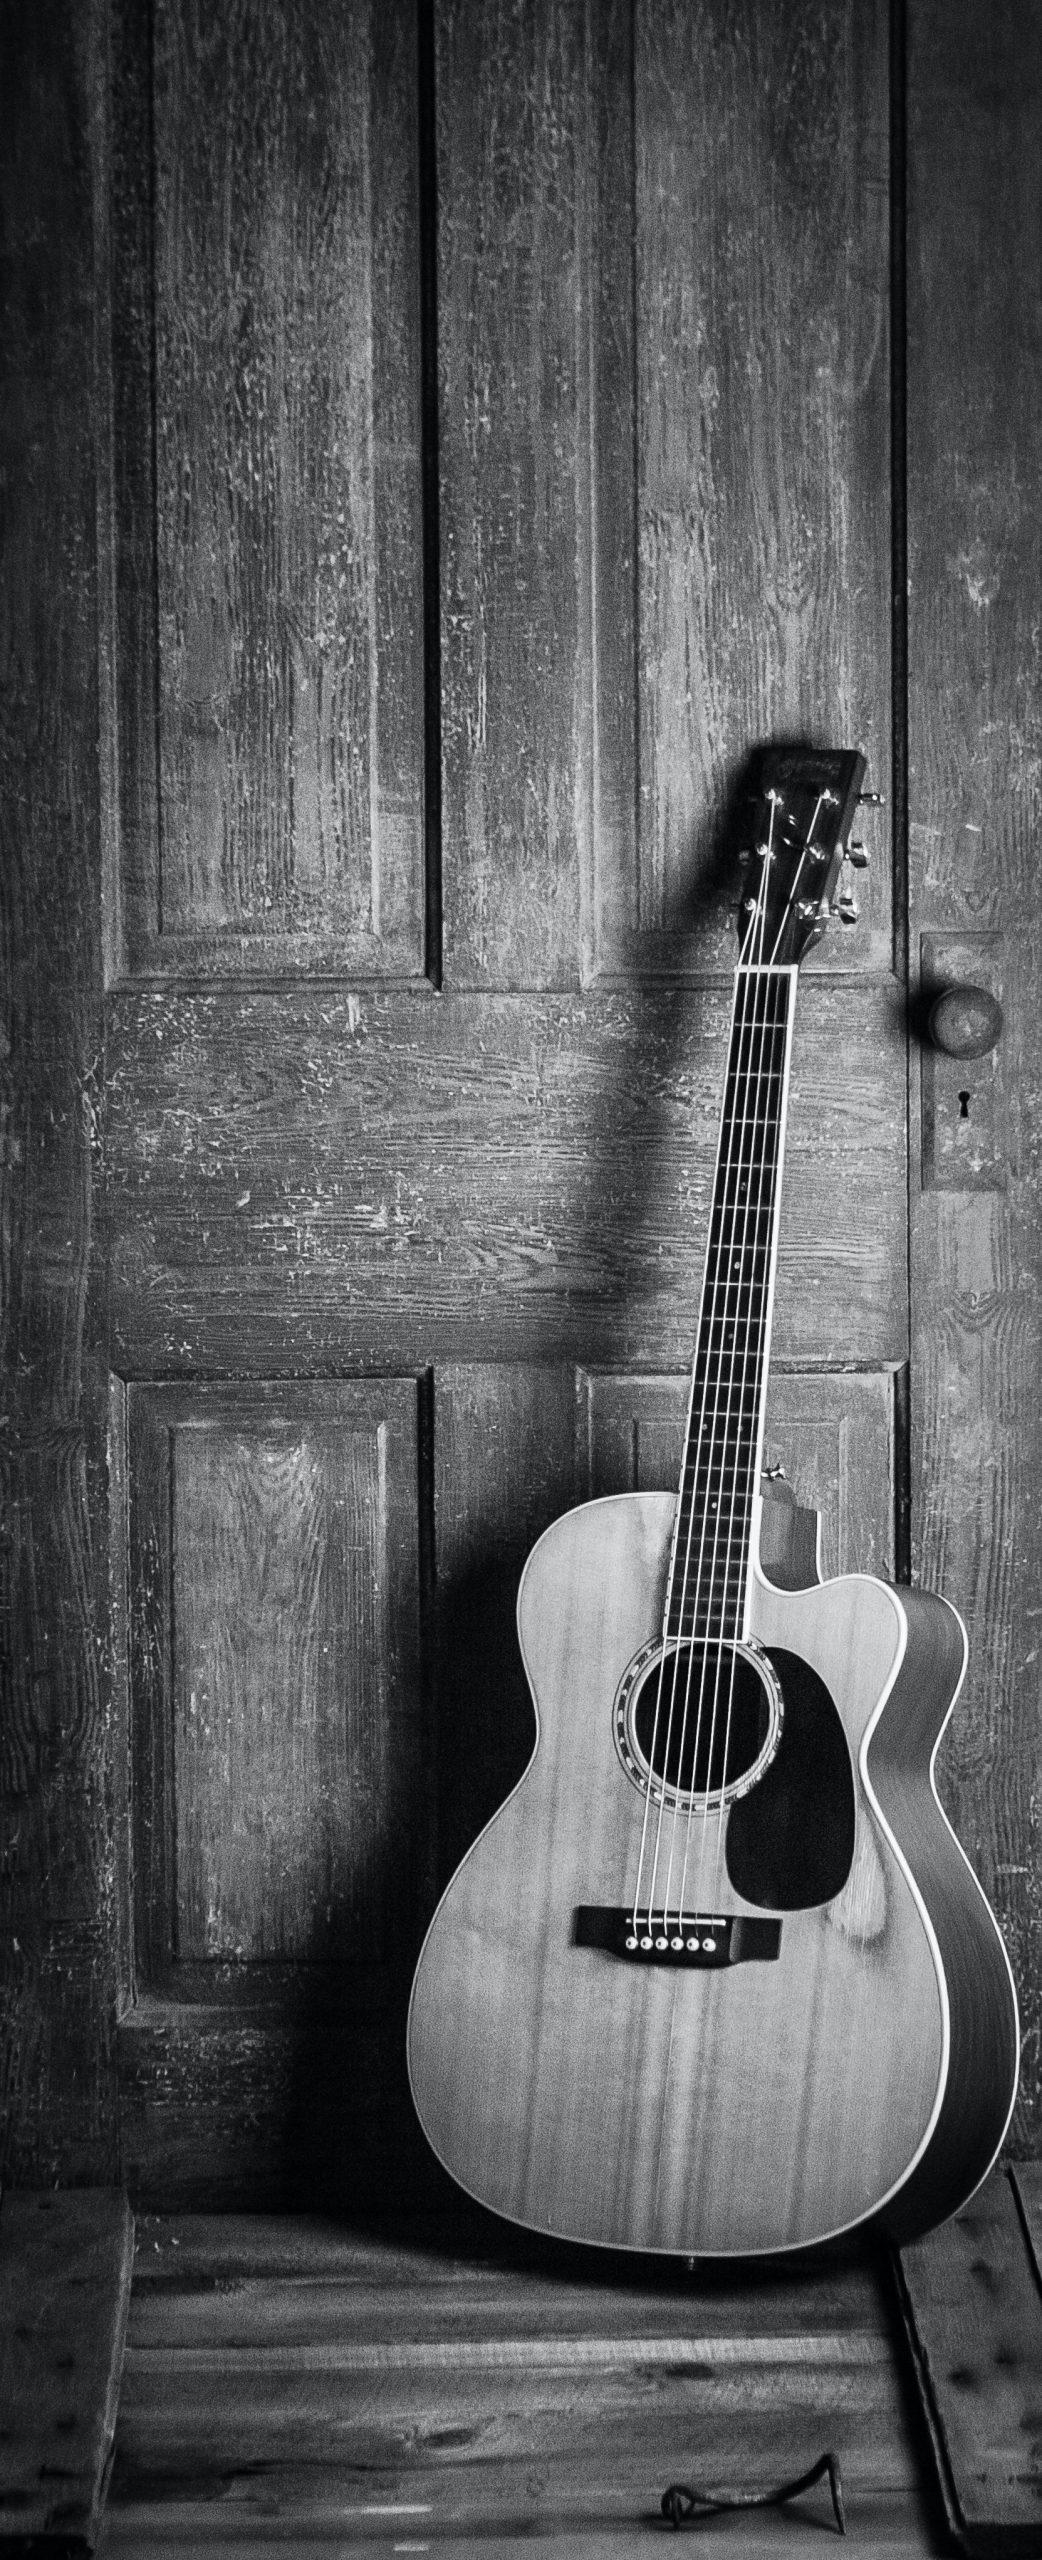 איך בוחרים מיתרים לגיטרה?